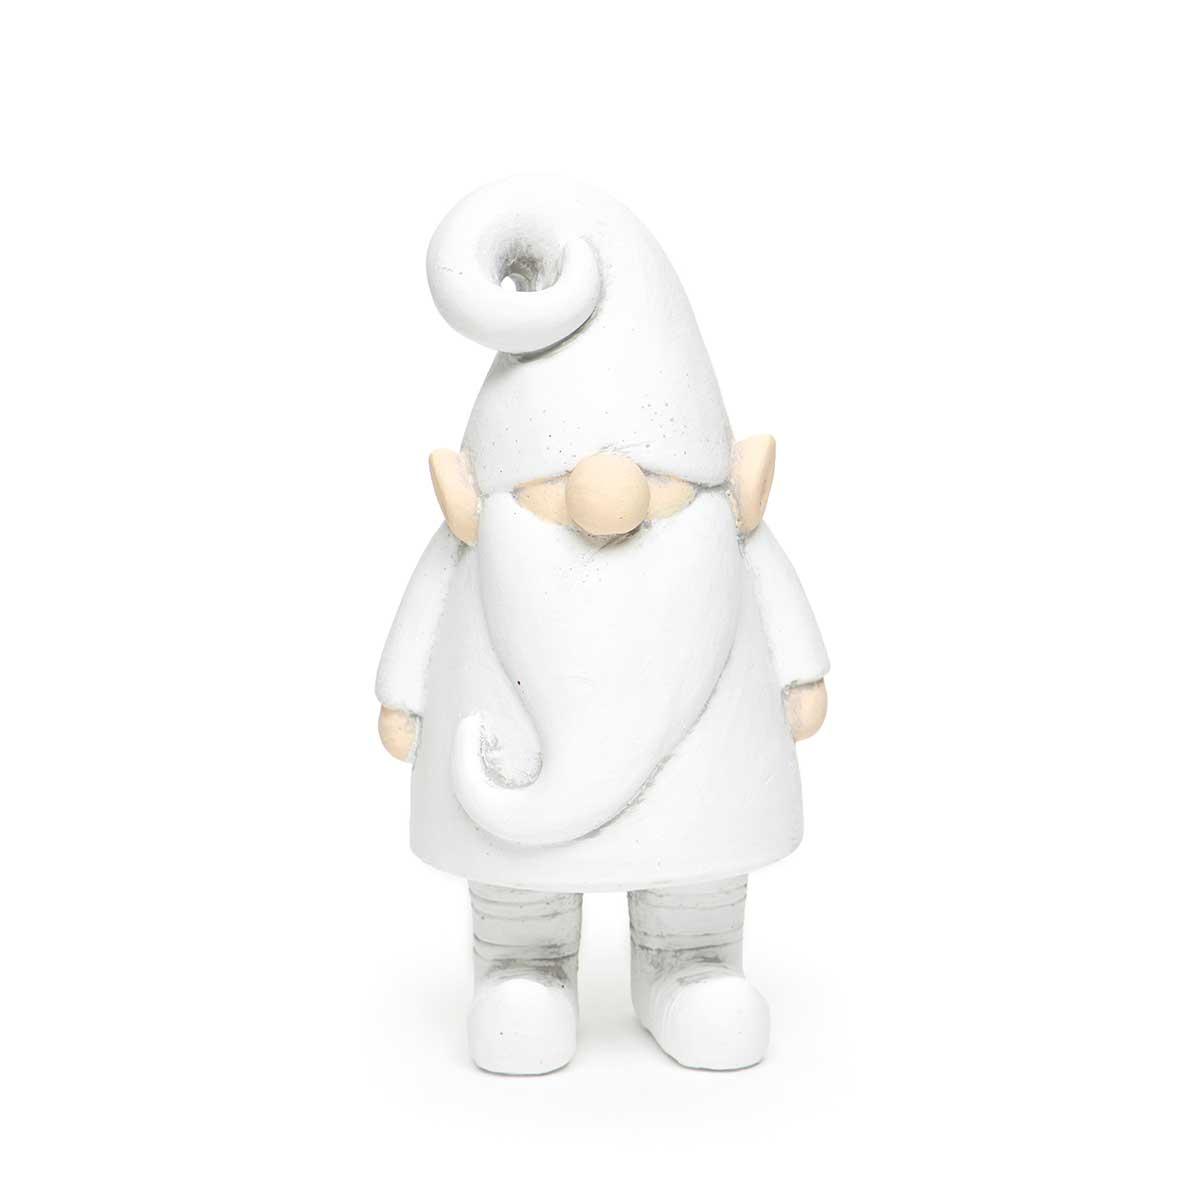 WHITE CONCRETE ELF GNOME